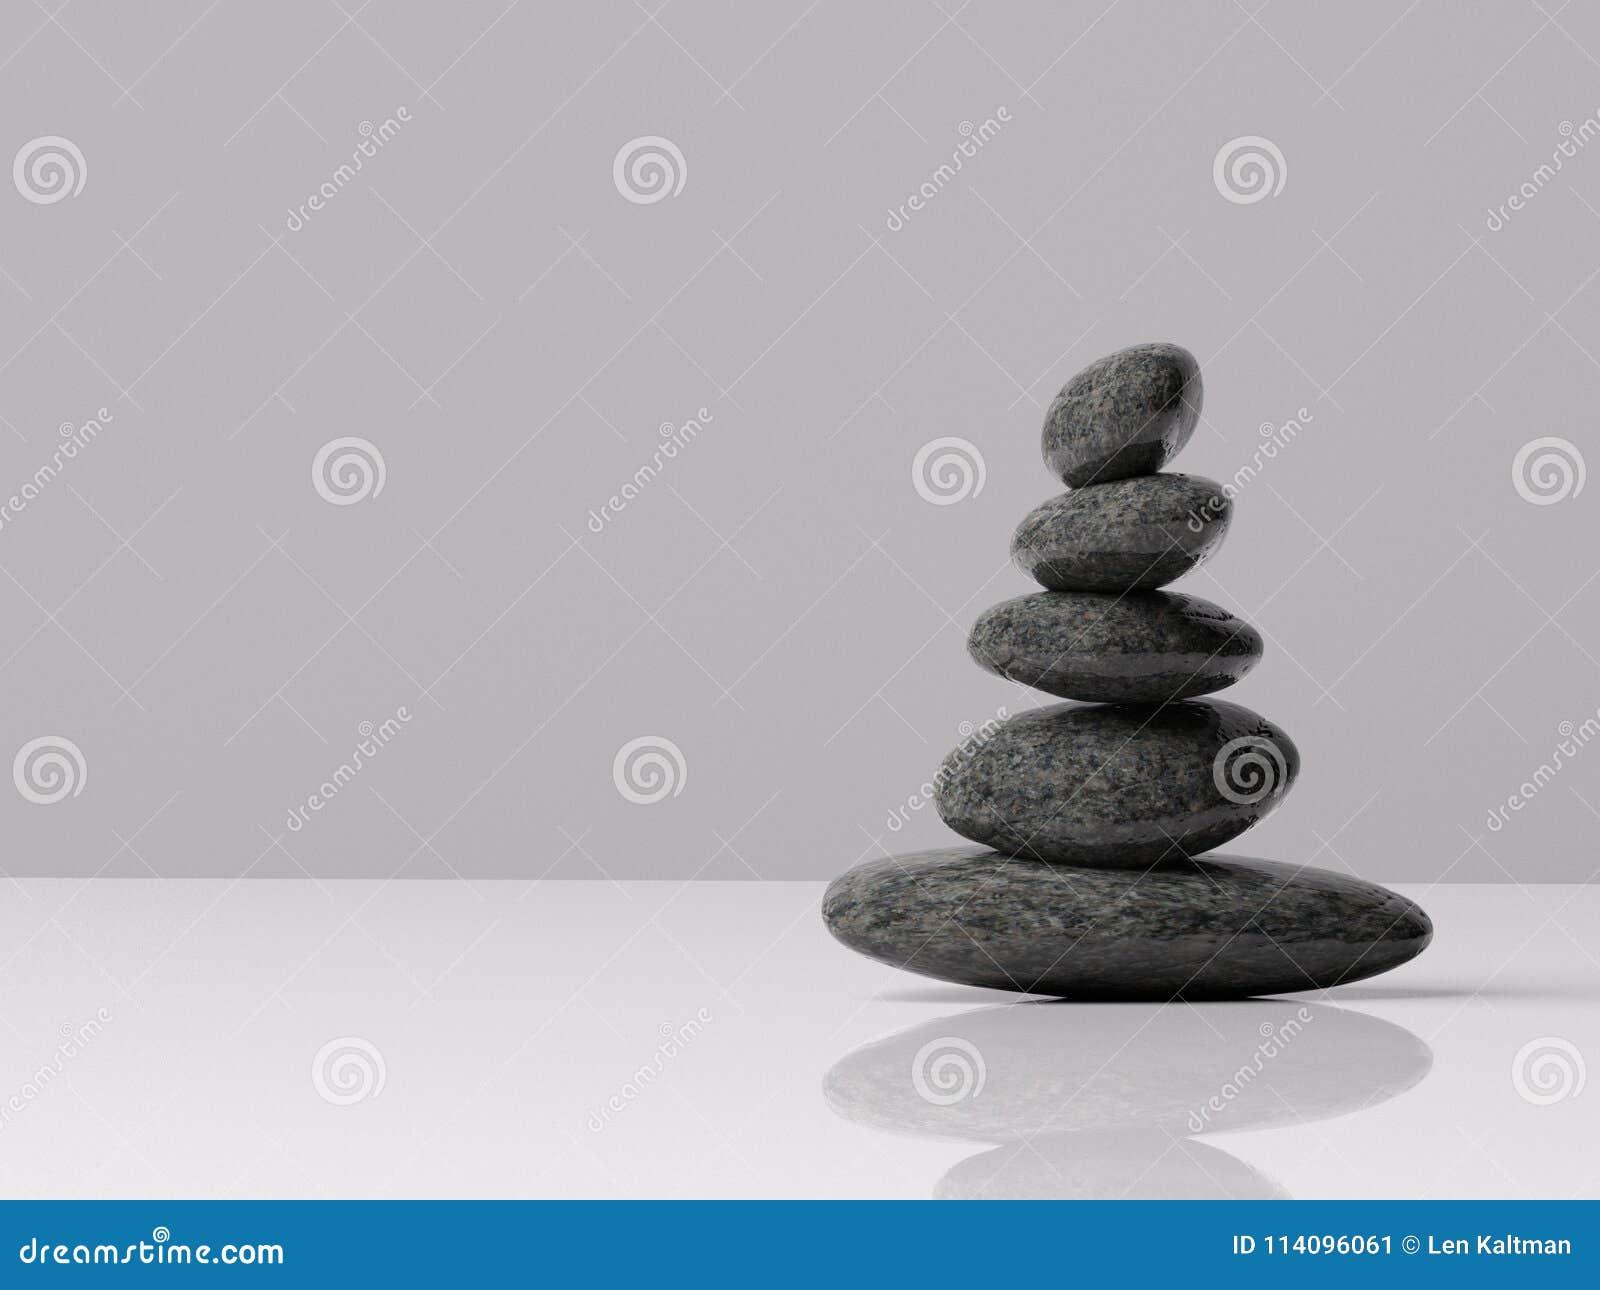 Zenen vaggar försiktigt balanserat inomhus med rum för typ